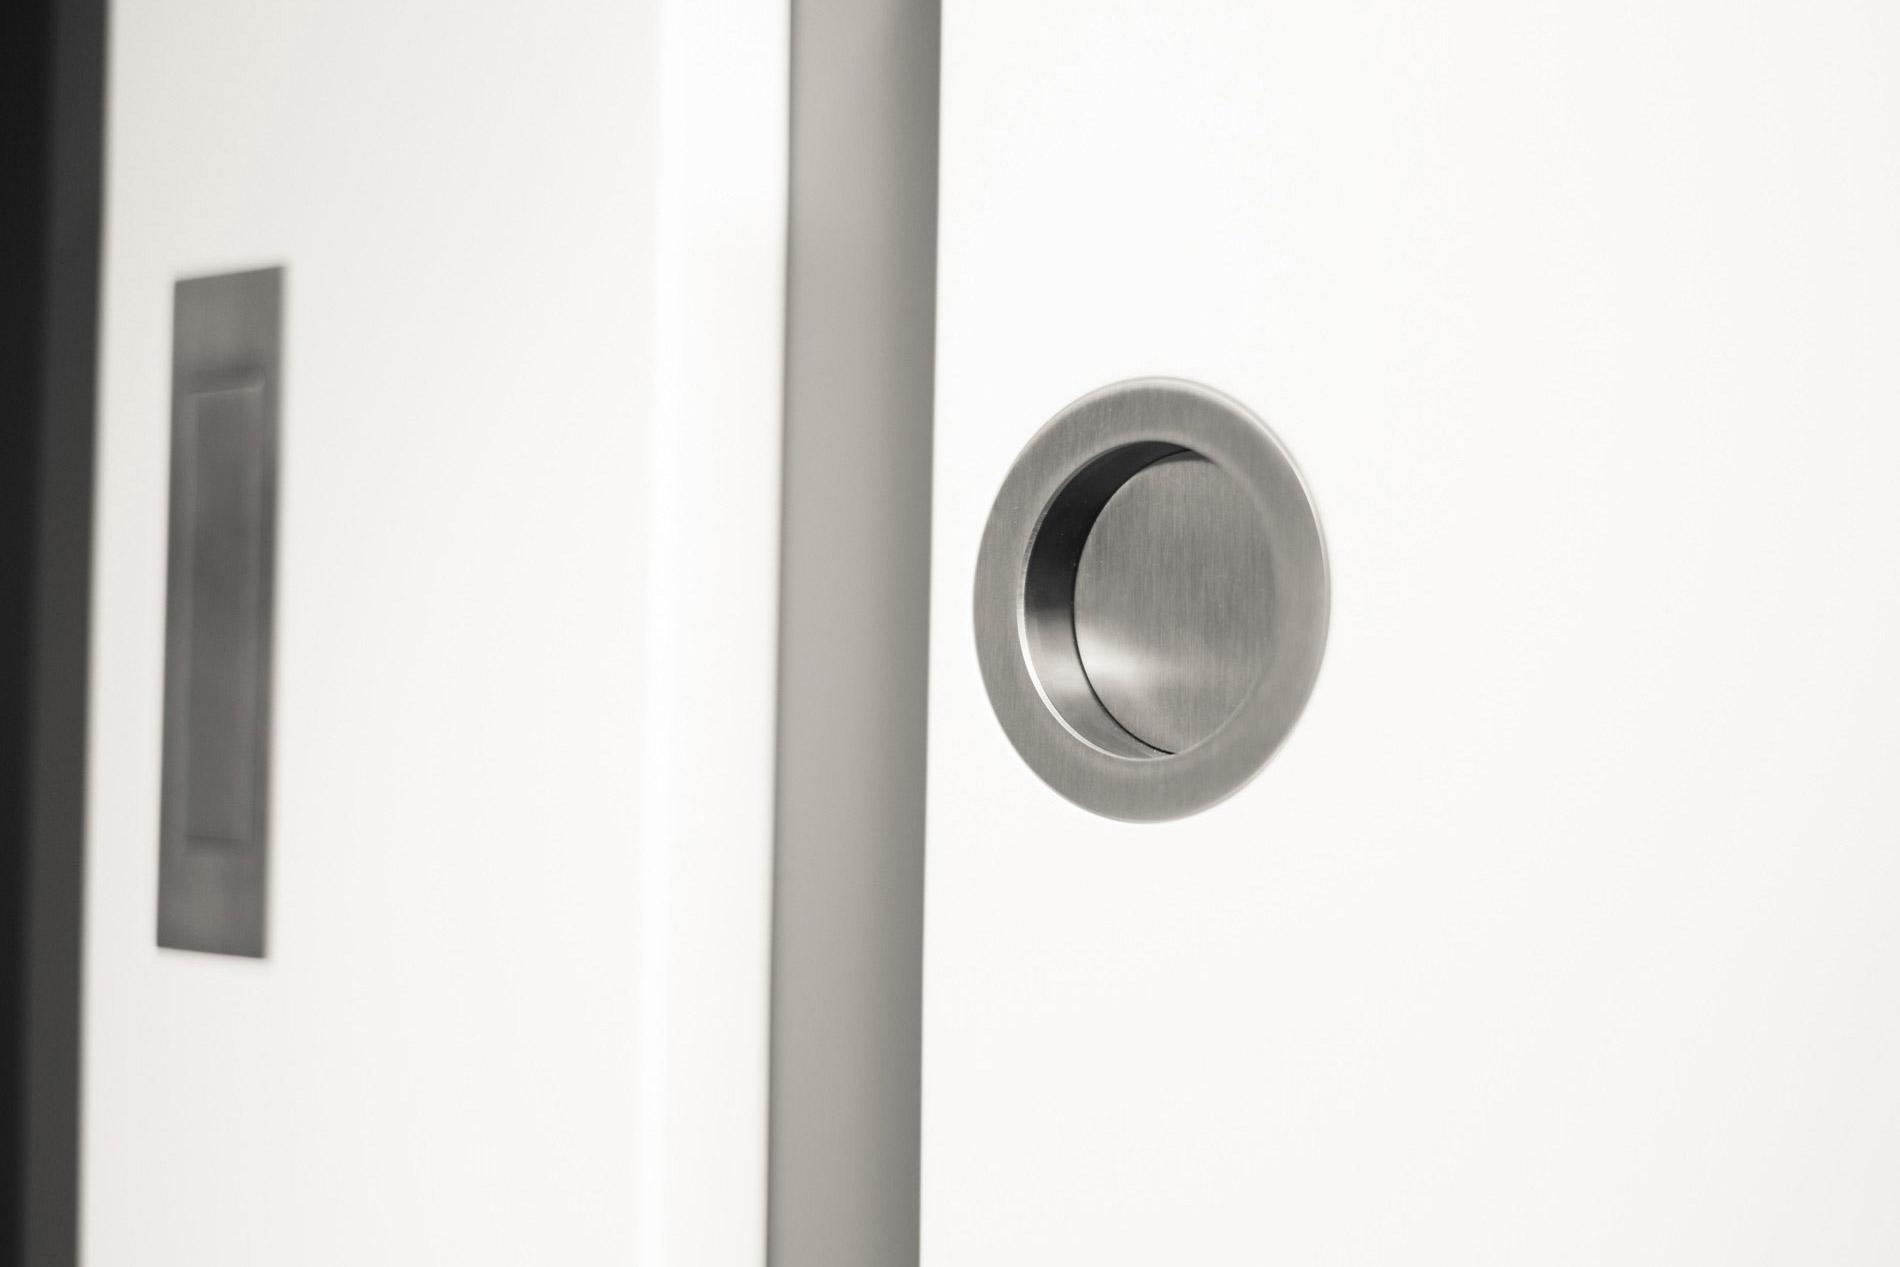 Schiebetür in der wand laufend ohne zarge  Schiebetüren | Wolgast Türen